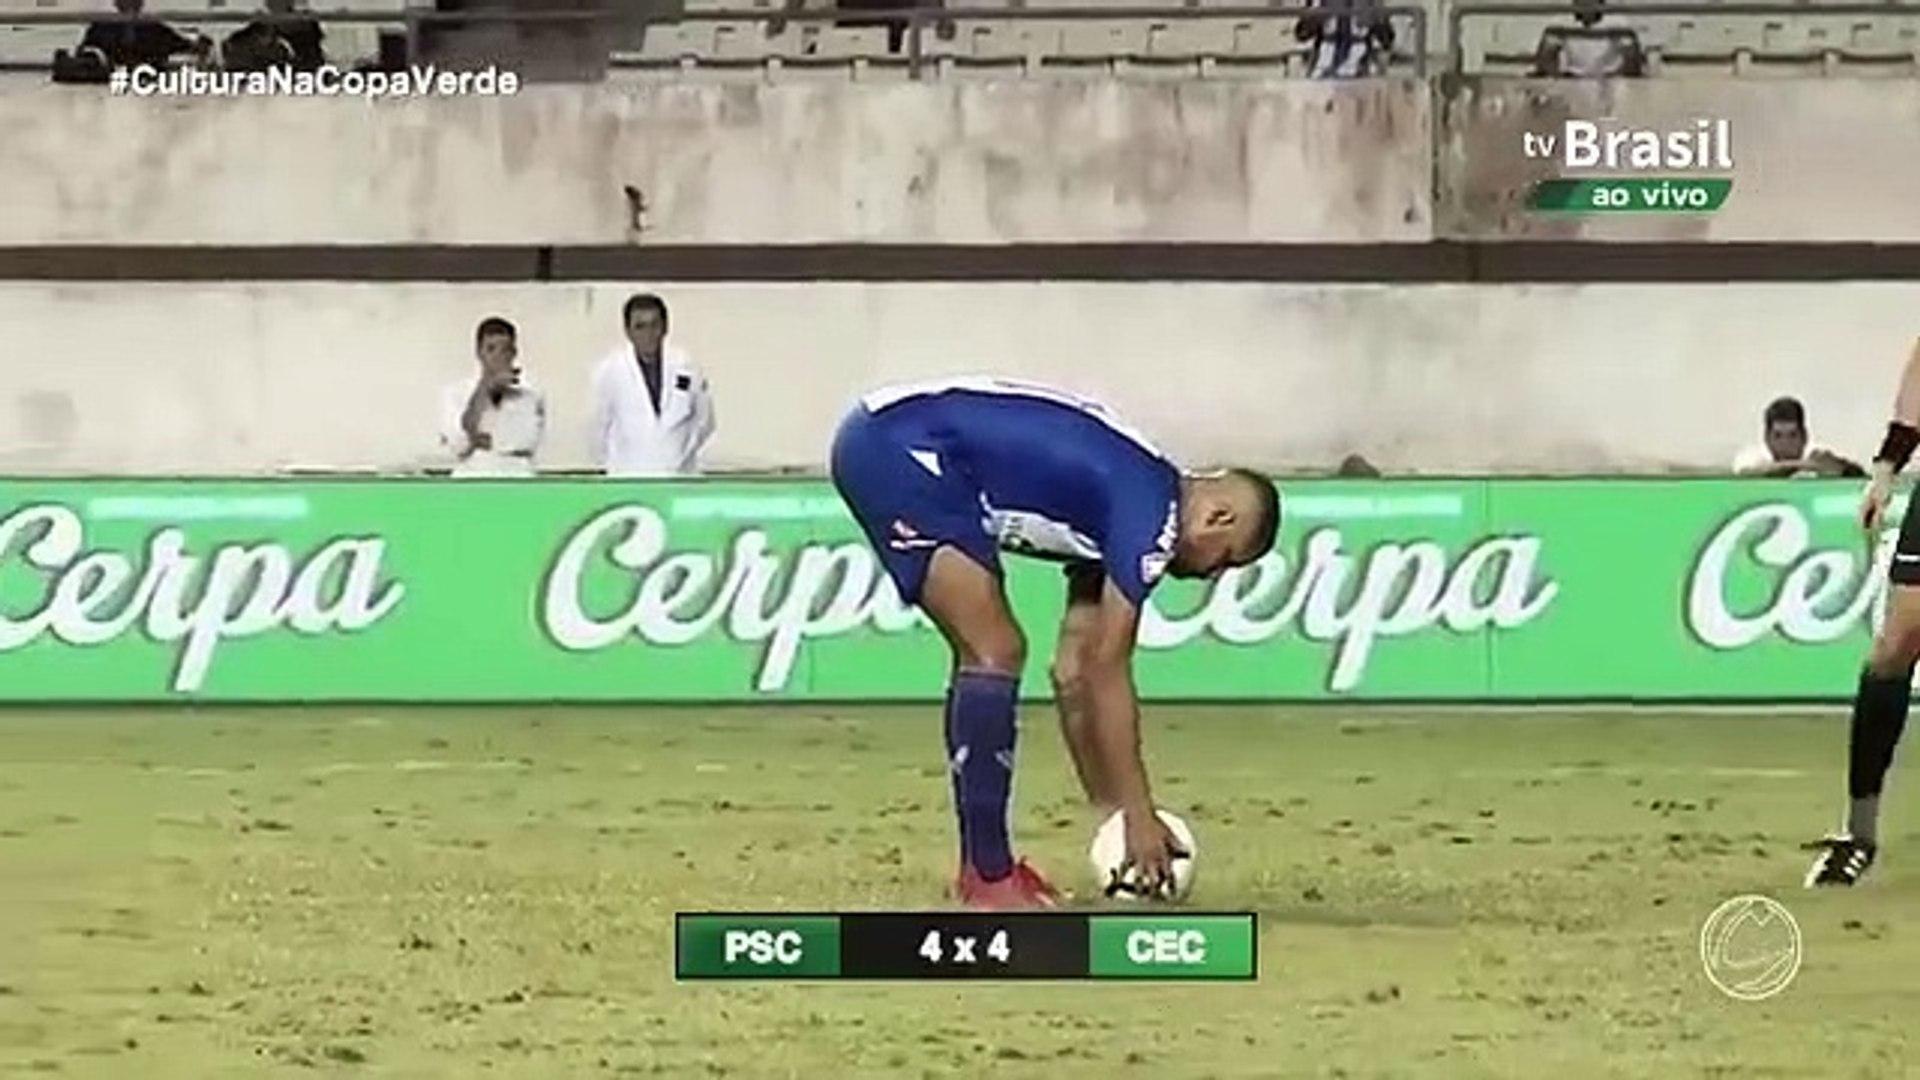 O penalty mais ridículo numa final que daria o título de Campeão!